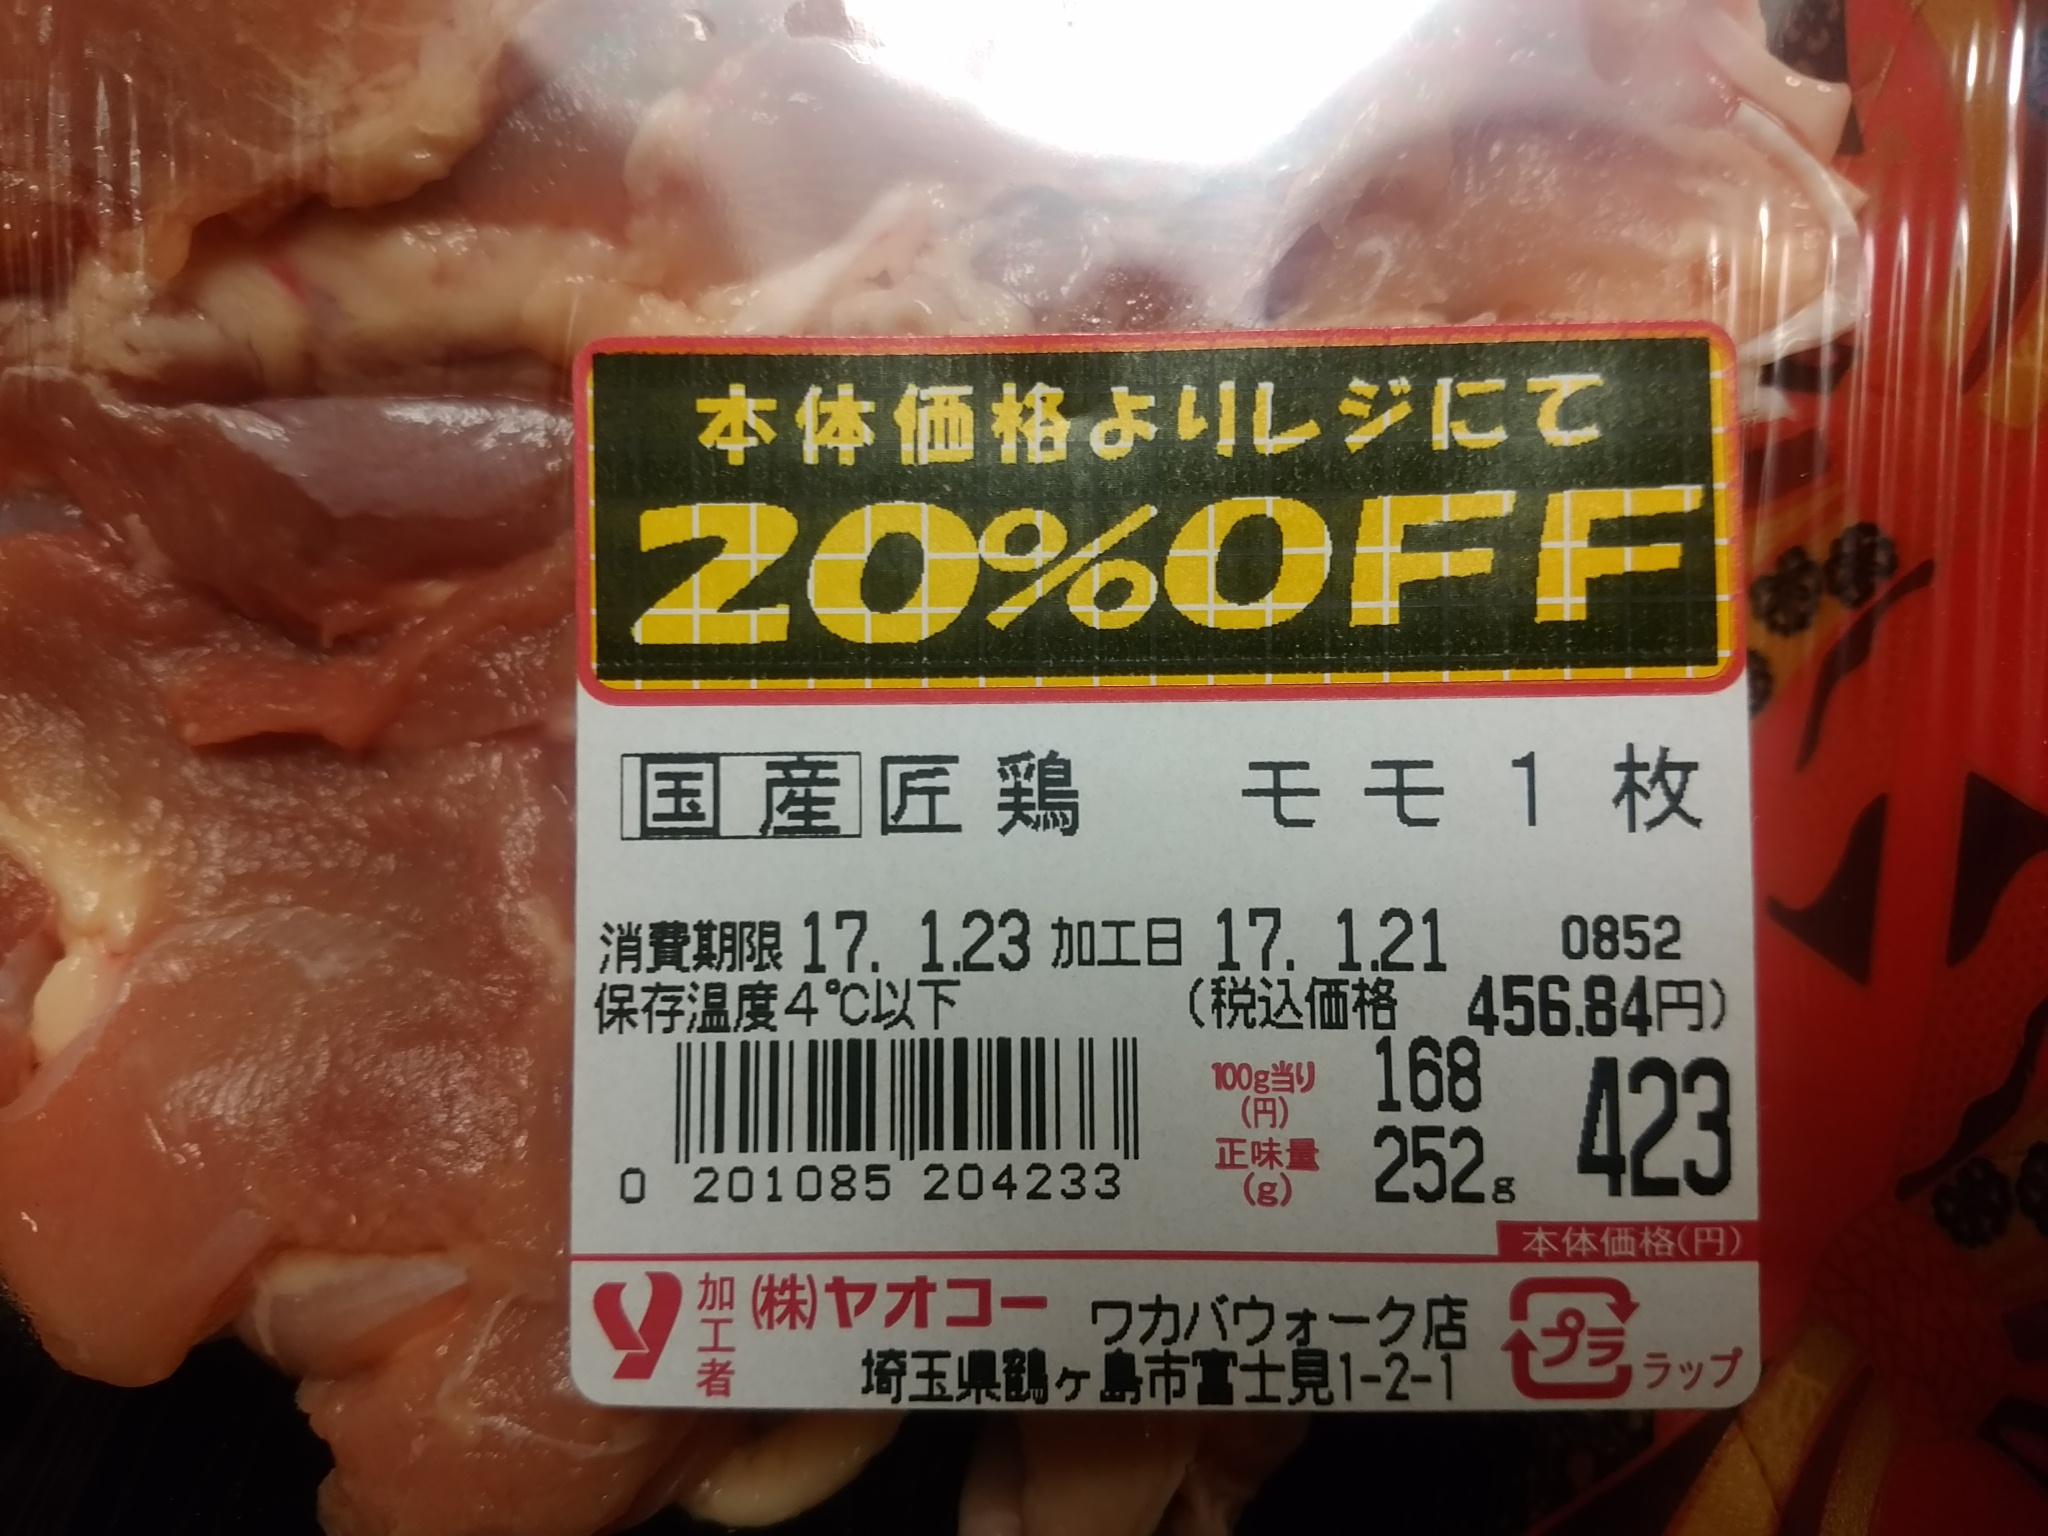 肉を食べすぎると痛風になるの?肉を1日500g食べている私の実体験